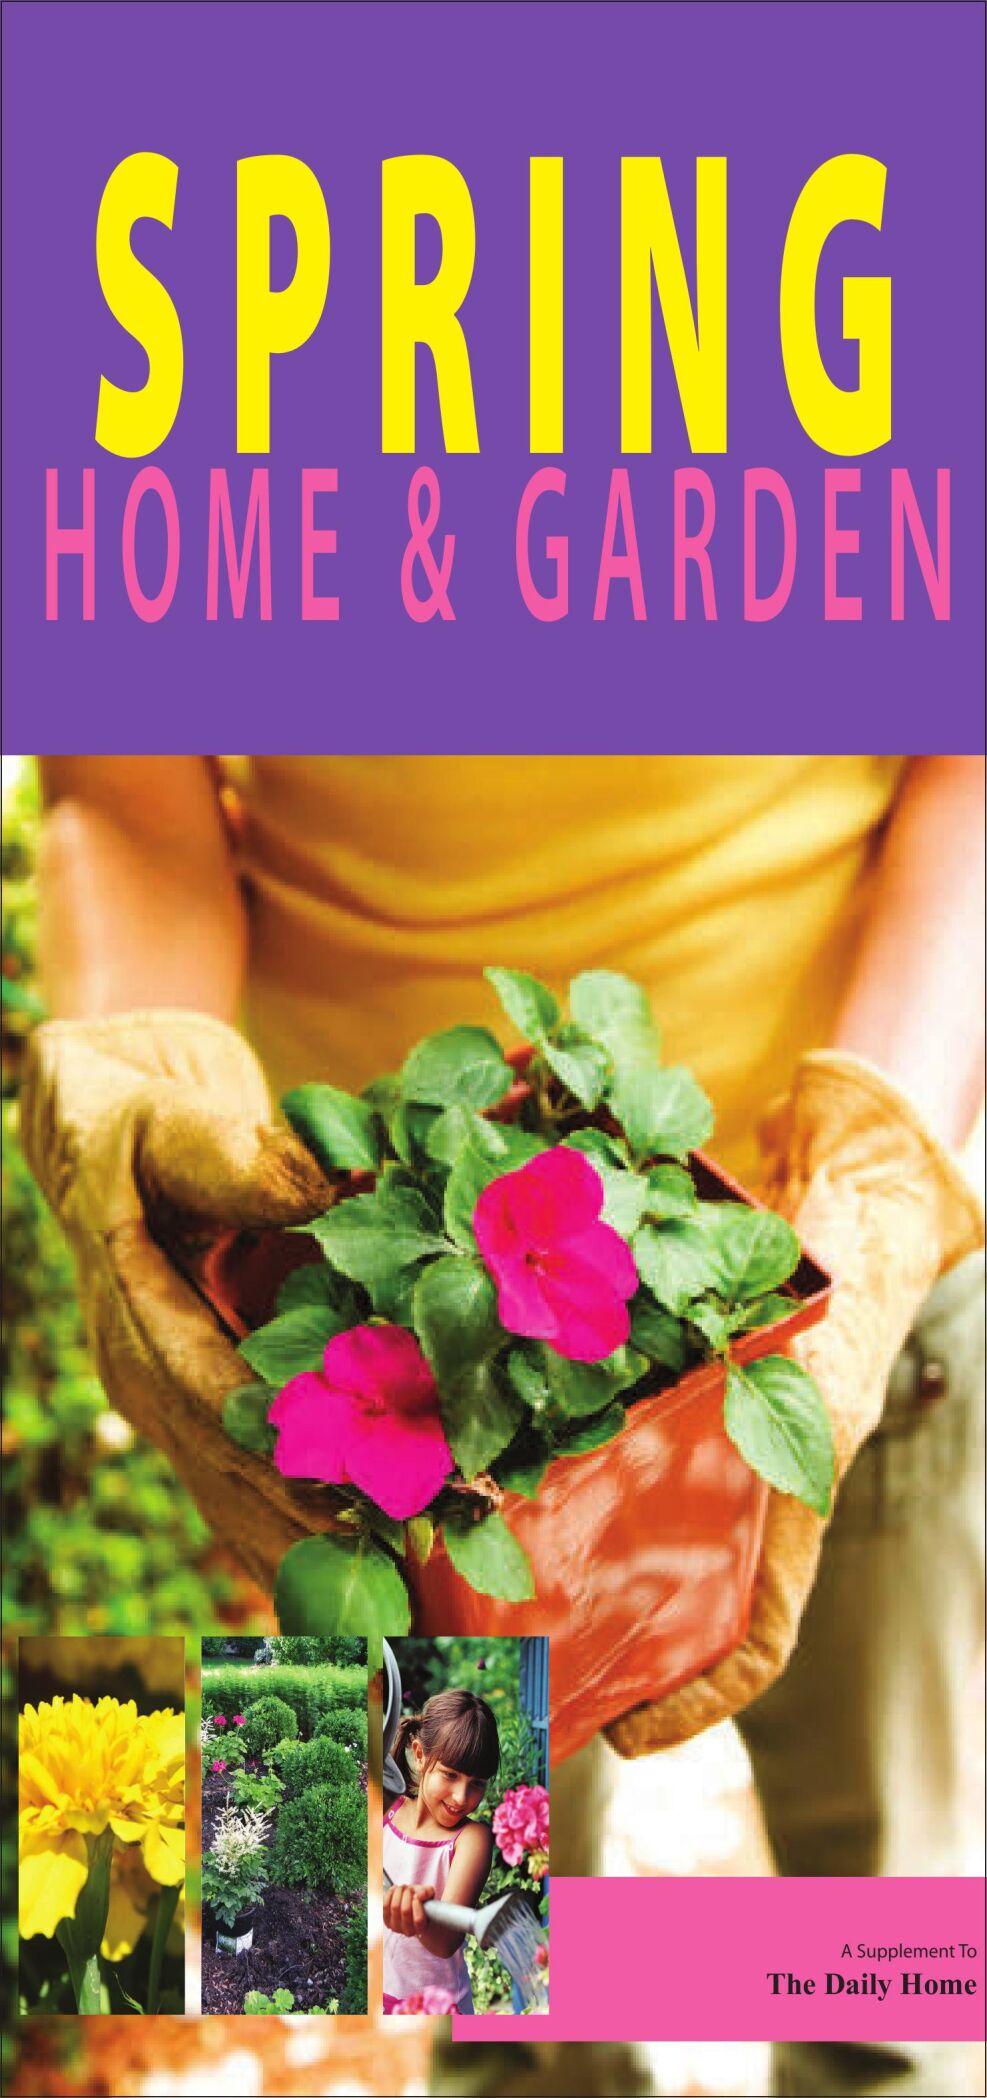 Home & Garden 2021